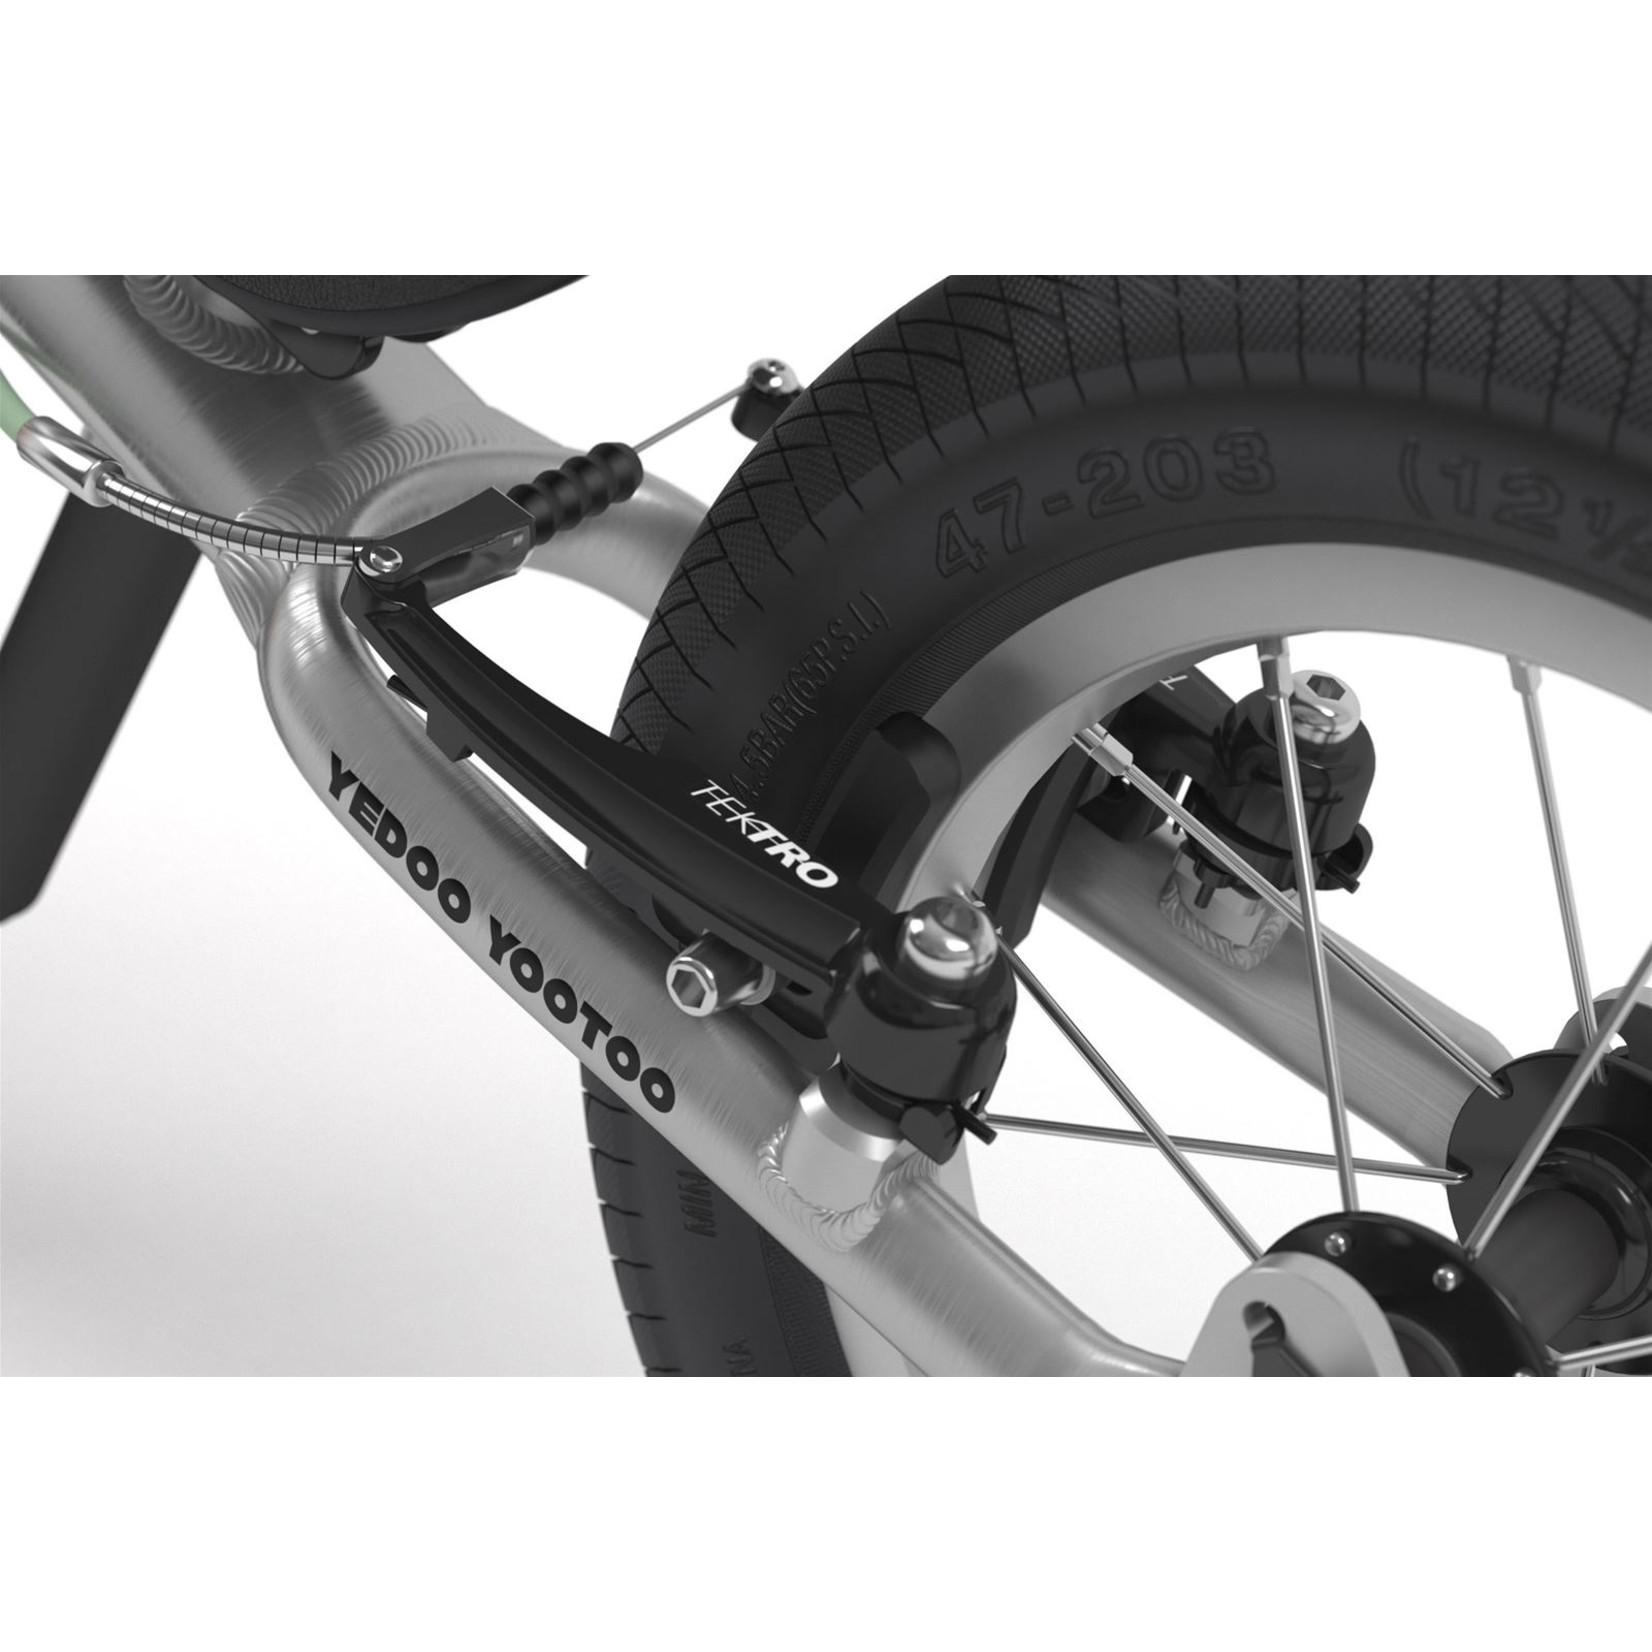 Yedoo Yedoo YooToo Balance Bike